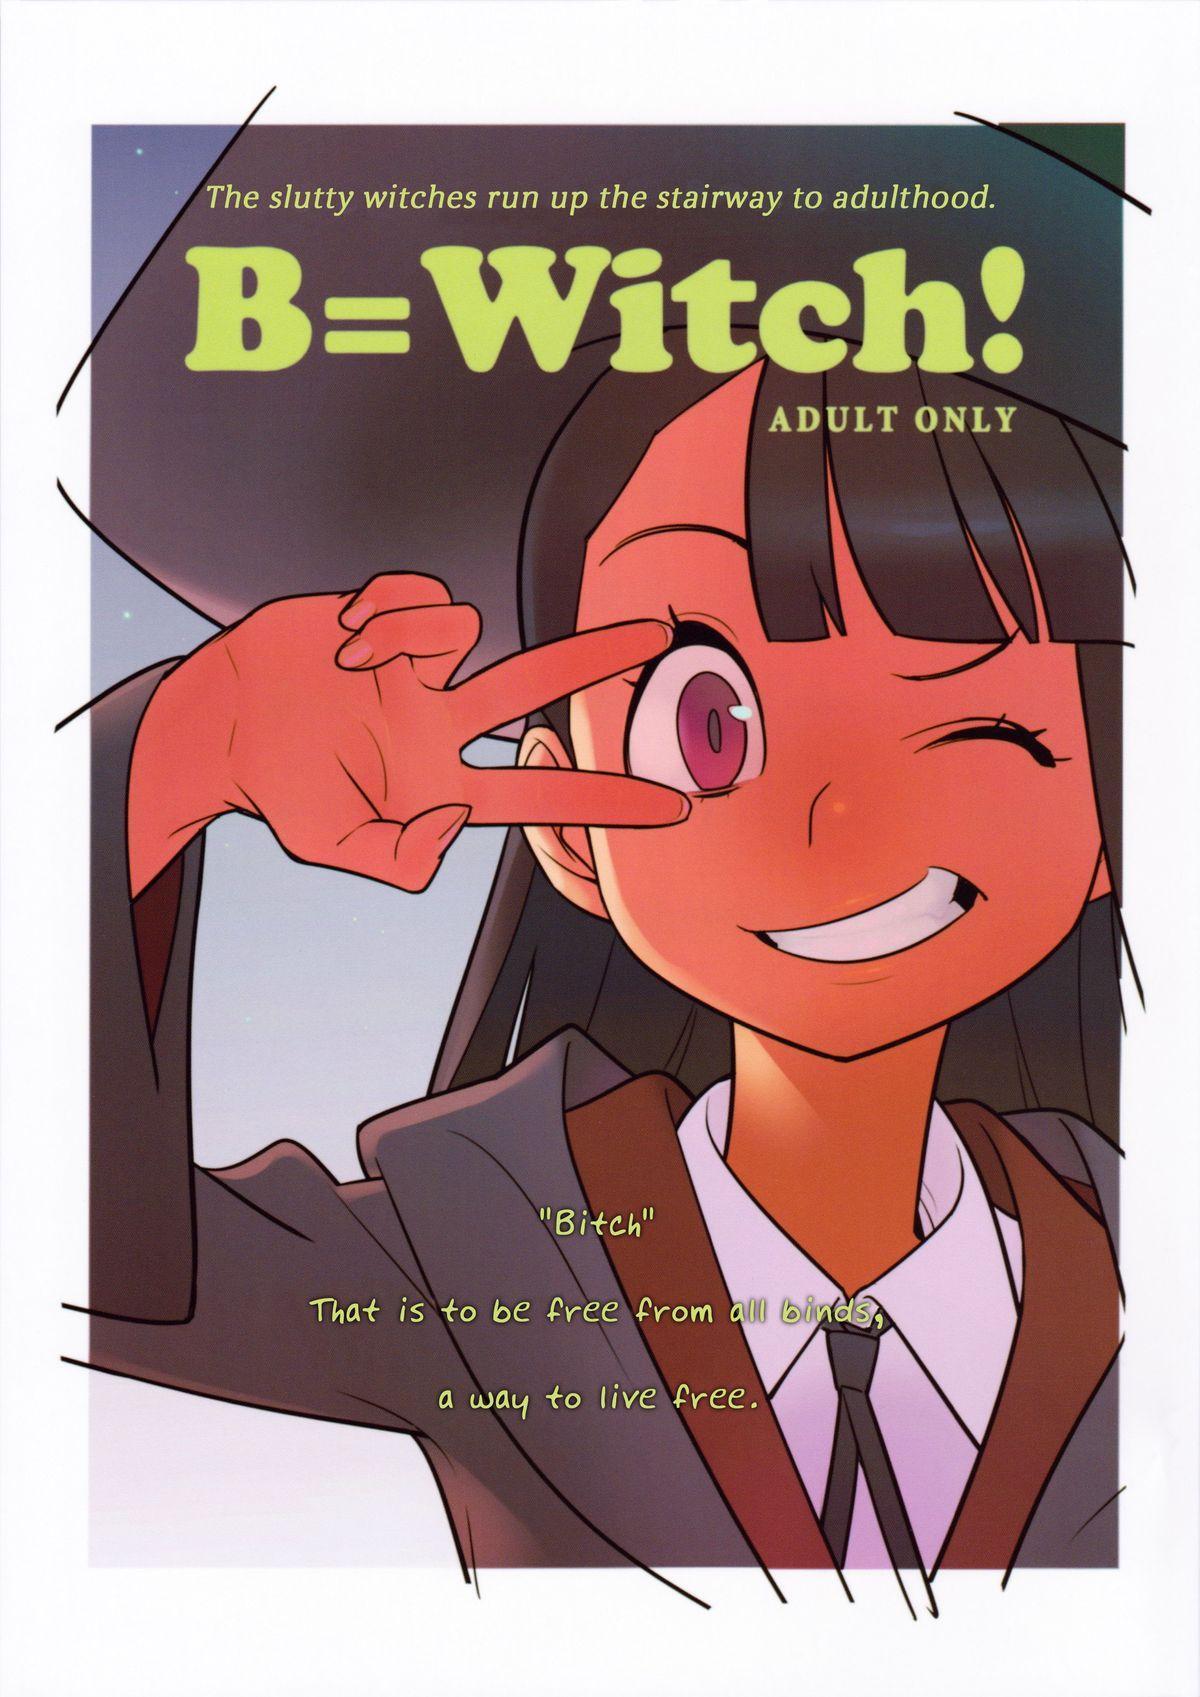 B=Witch! 0